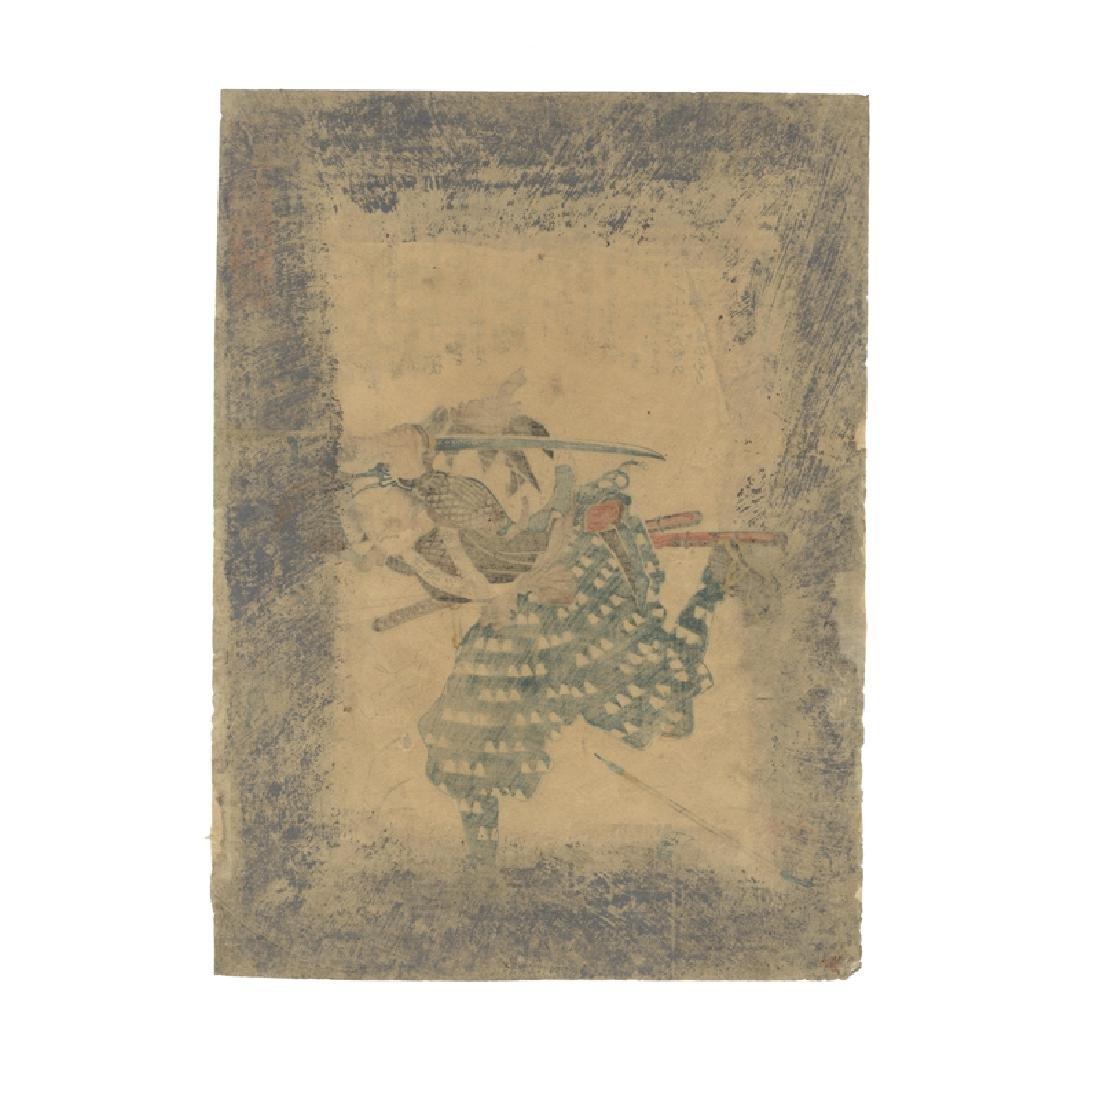 Utagawa Hiroshige: Samurai & Male - 2